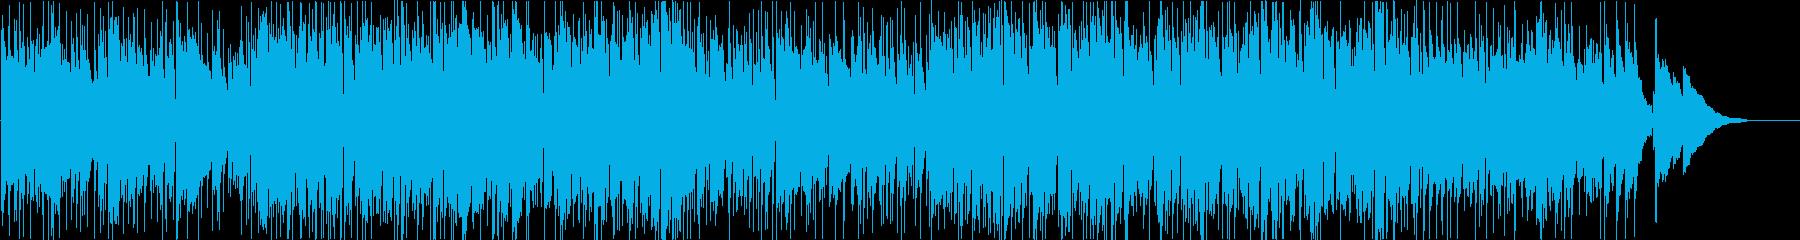 ファンキーなビートの演歌風ギターインストの再生済みの波形